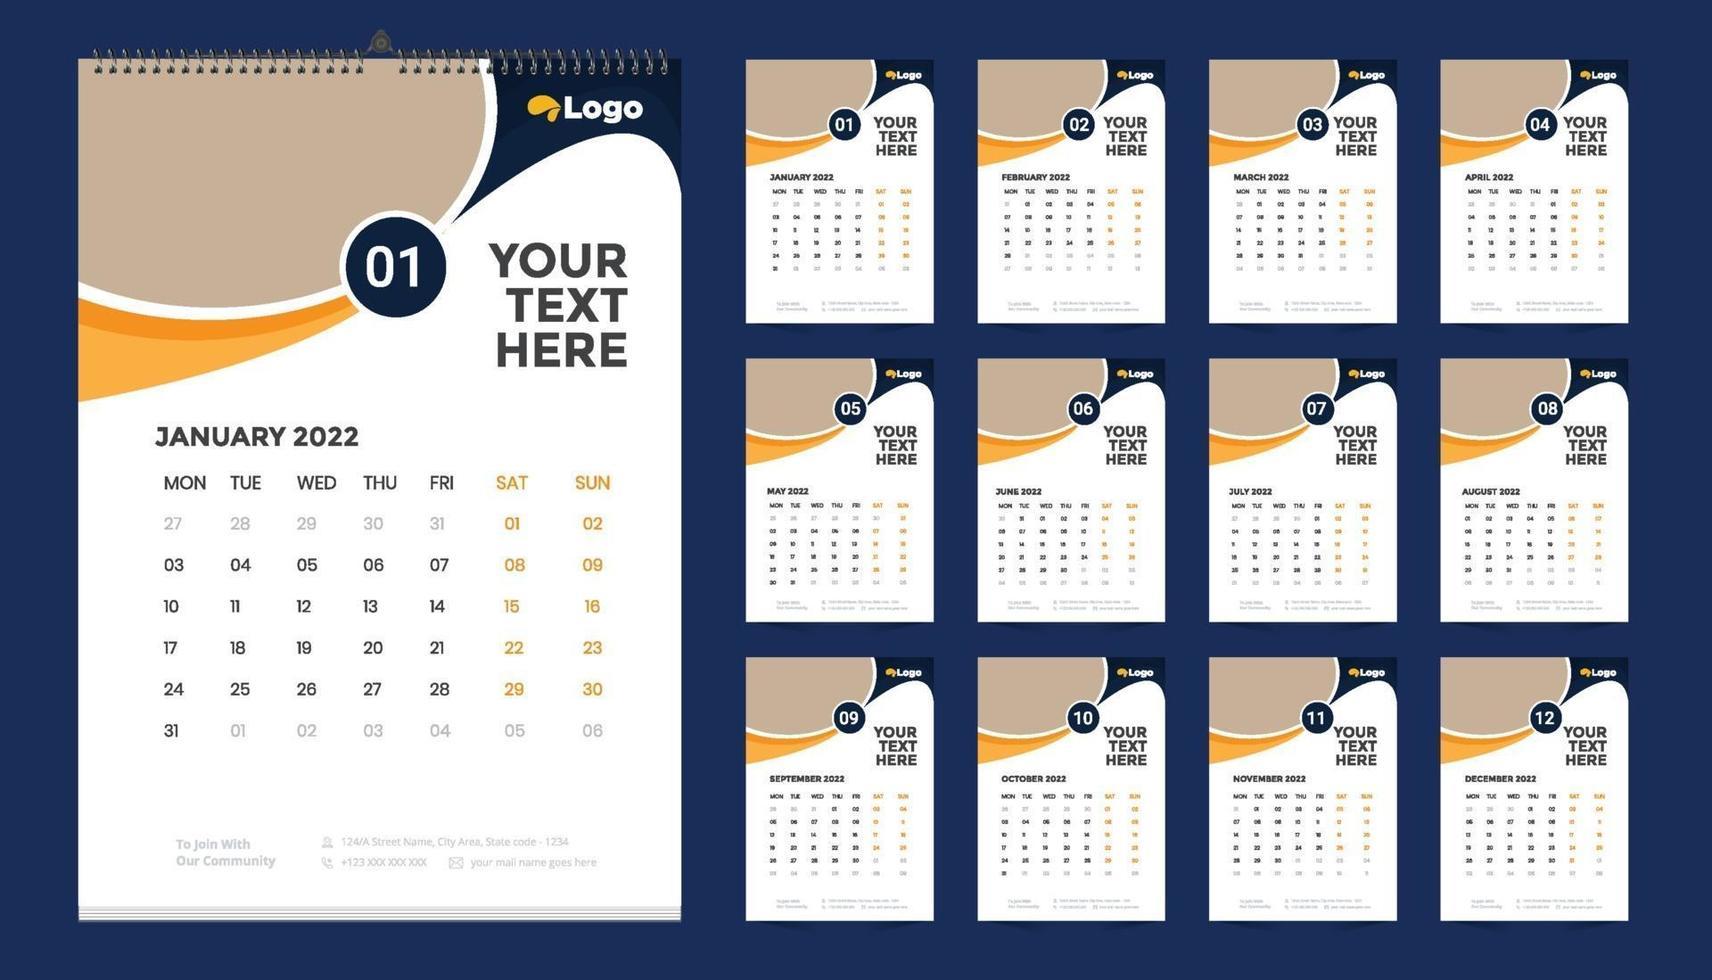 Modèle Calendrier 2022 calendrier mural 2022 idée de conception de modèle, calendrier